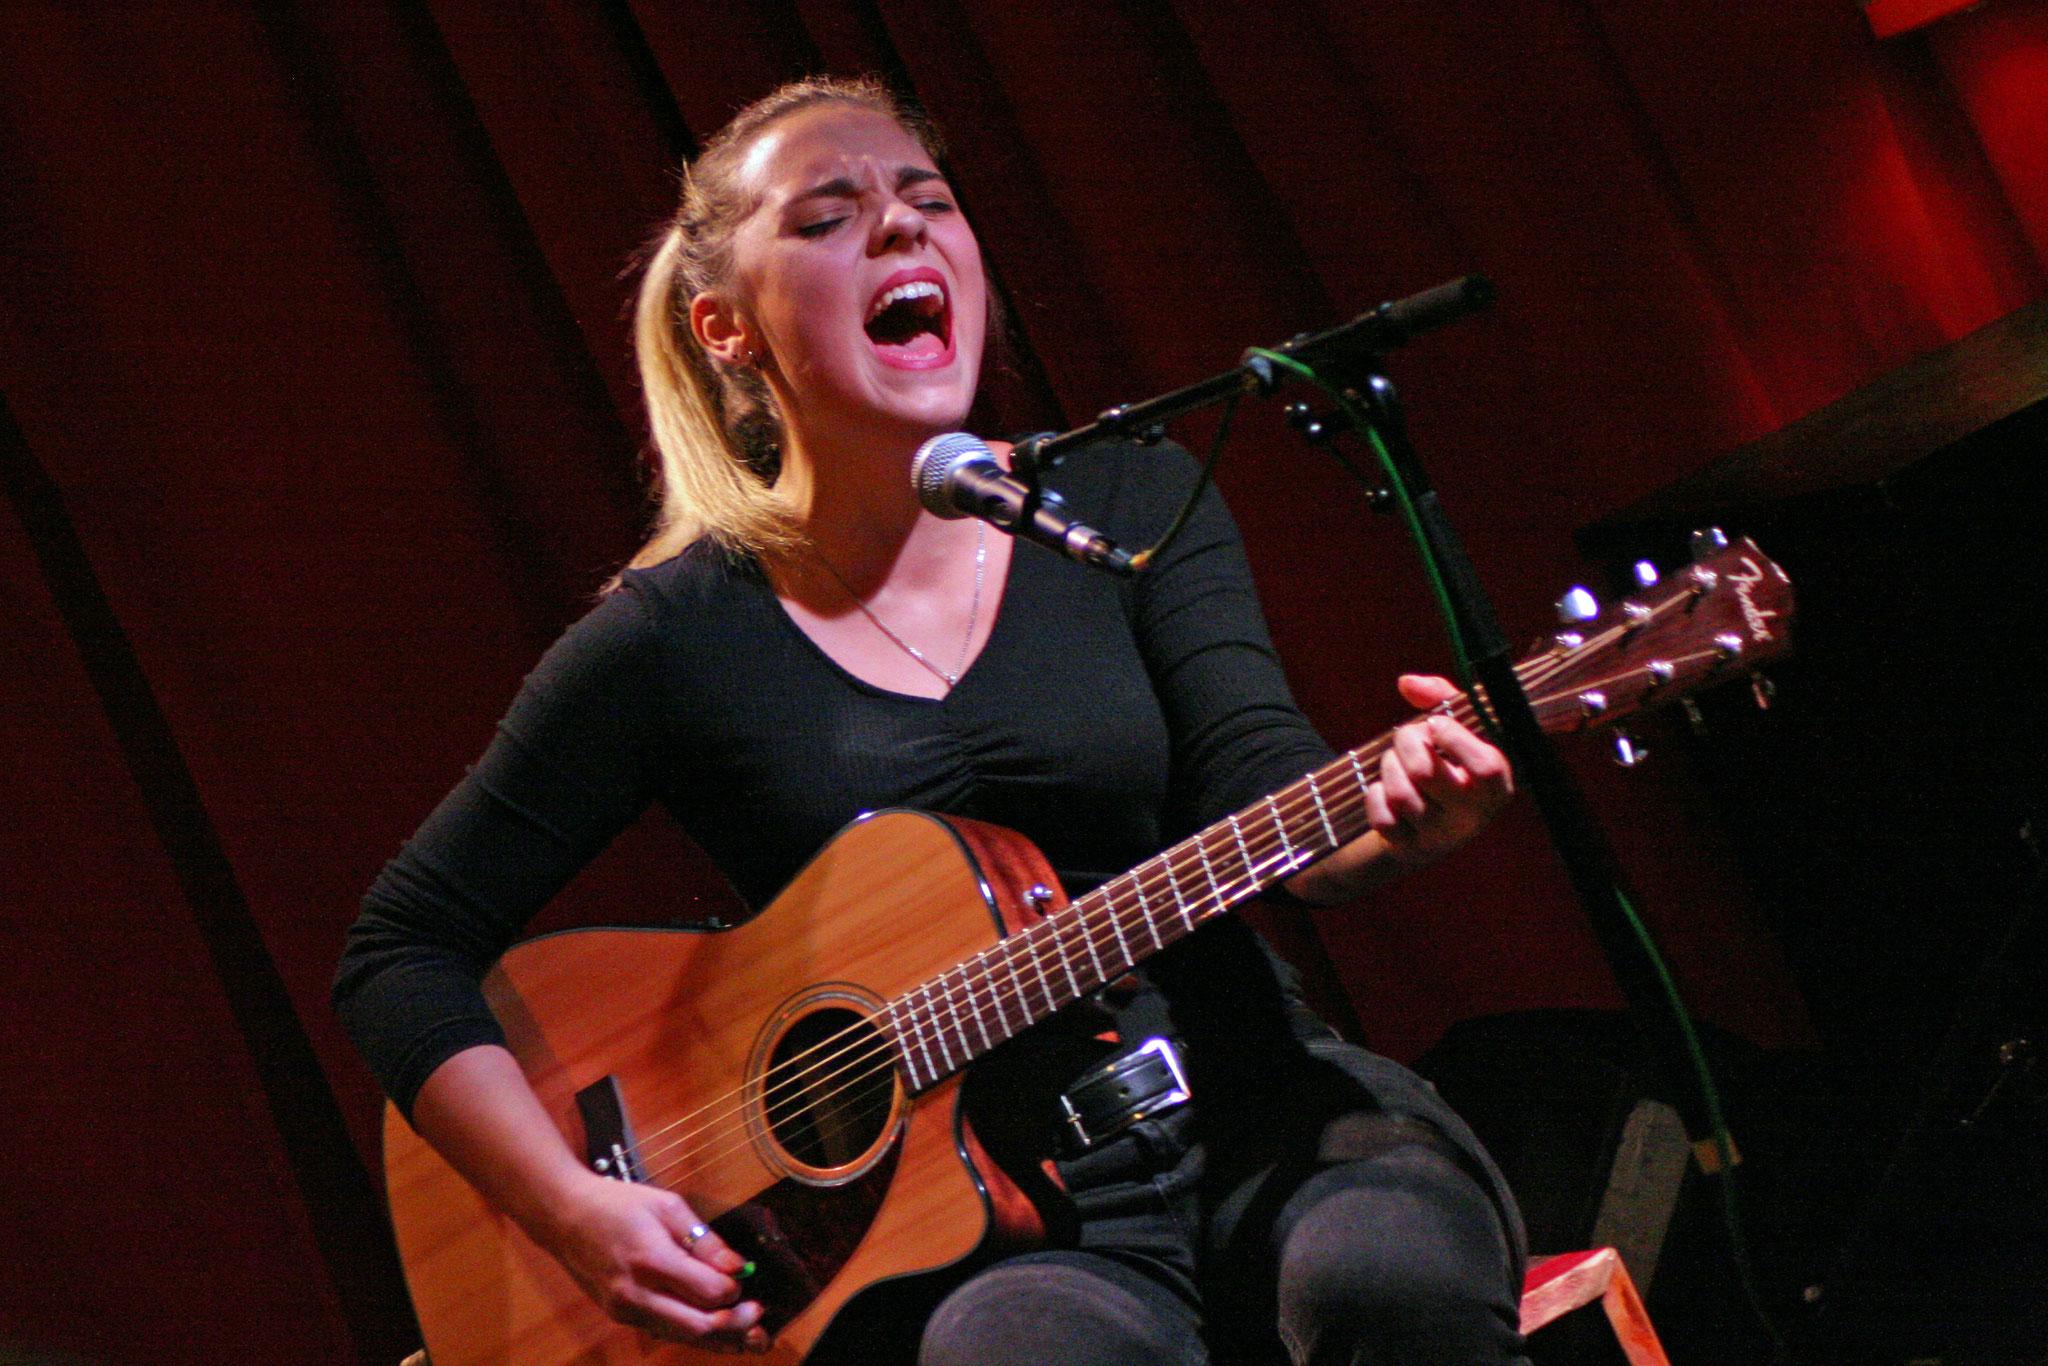 Kim Tamara @ Singer/Songwriter Nacht im Wombat's Wien, 18.11. (c) miggl.at